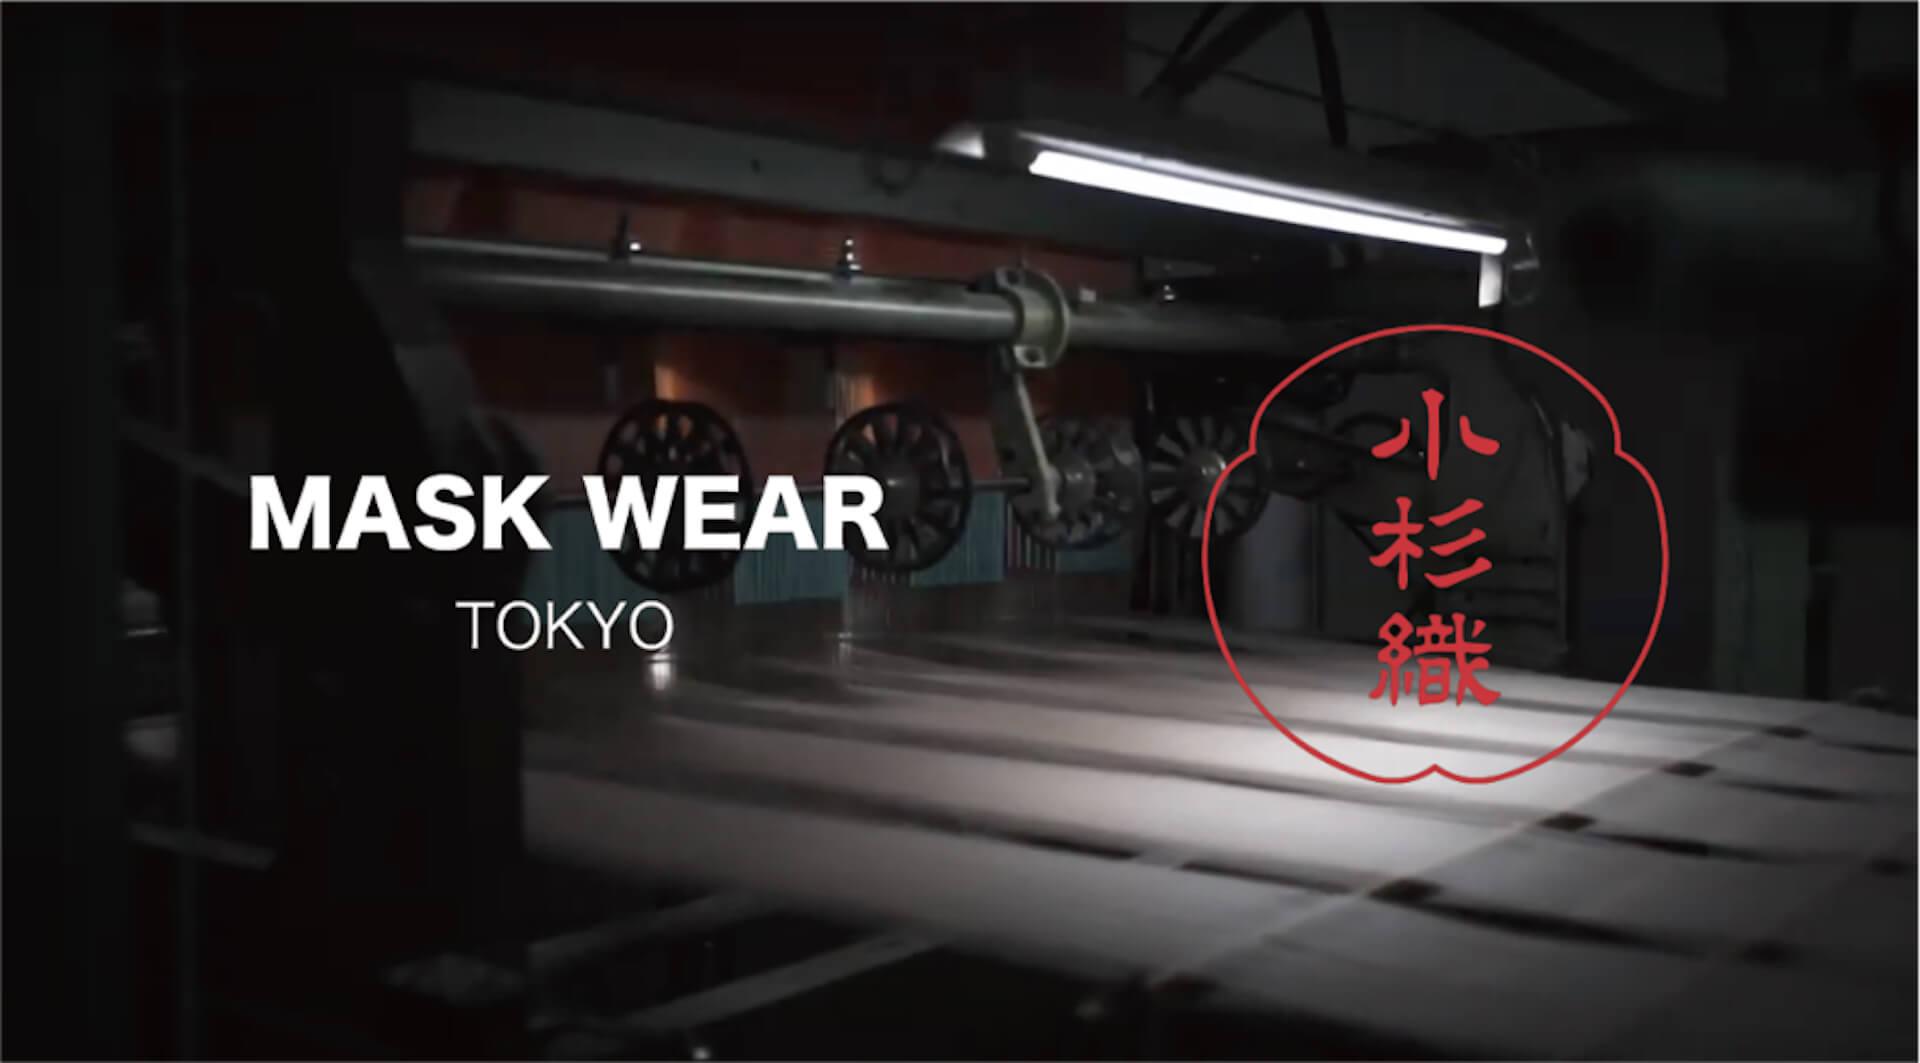 高機能マスクをファッションに!ファッションマスクに特化したECサイト「MASK WEAR TOKYO」がローンチ life200615_maskwear_1